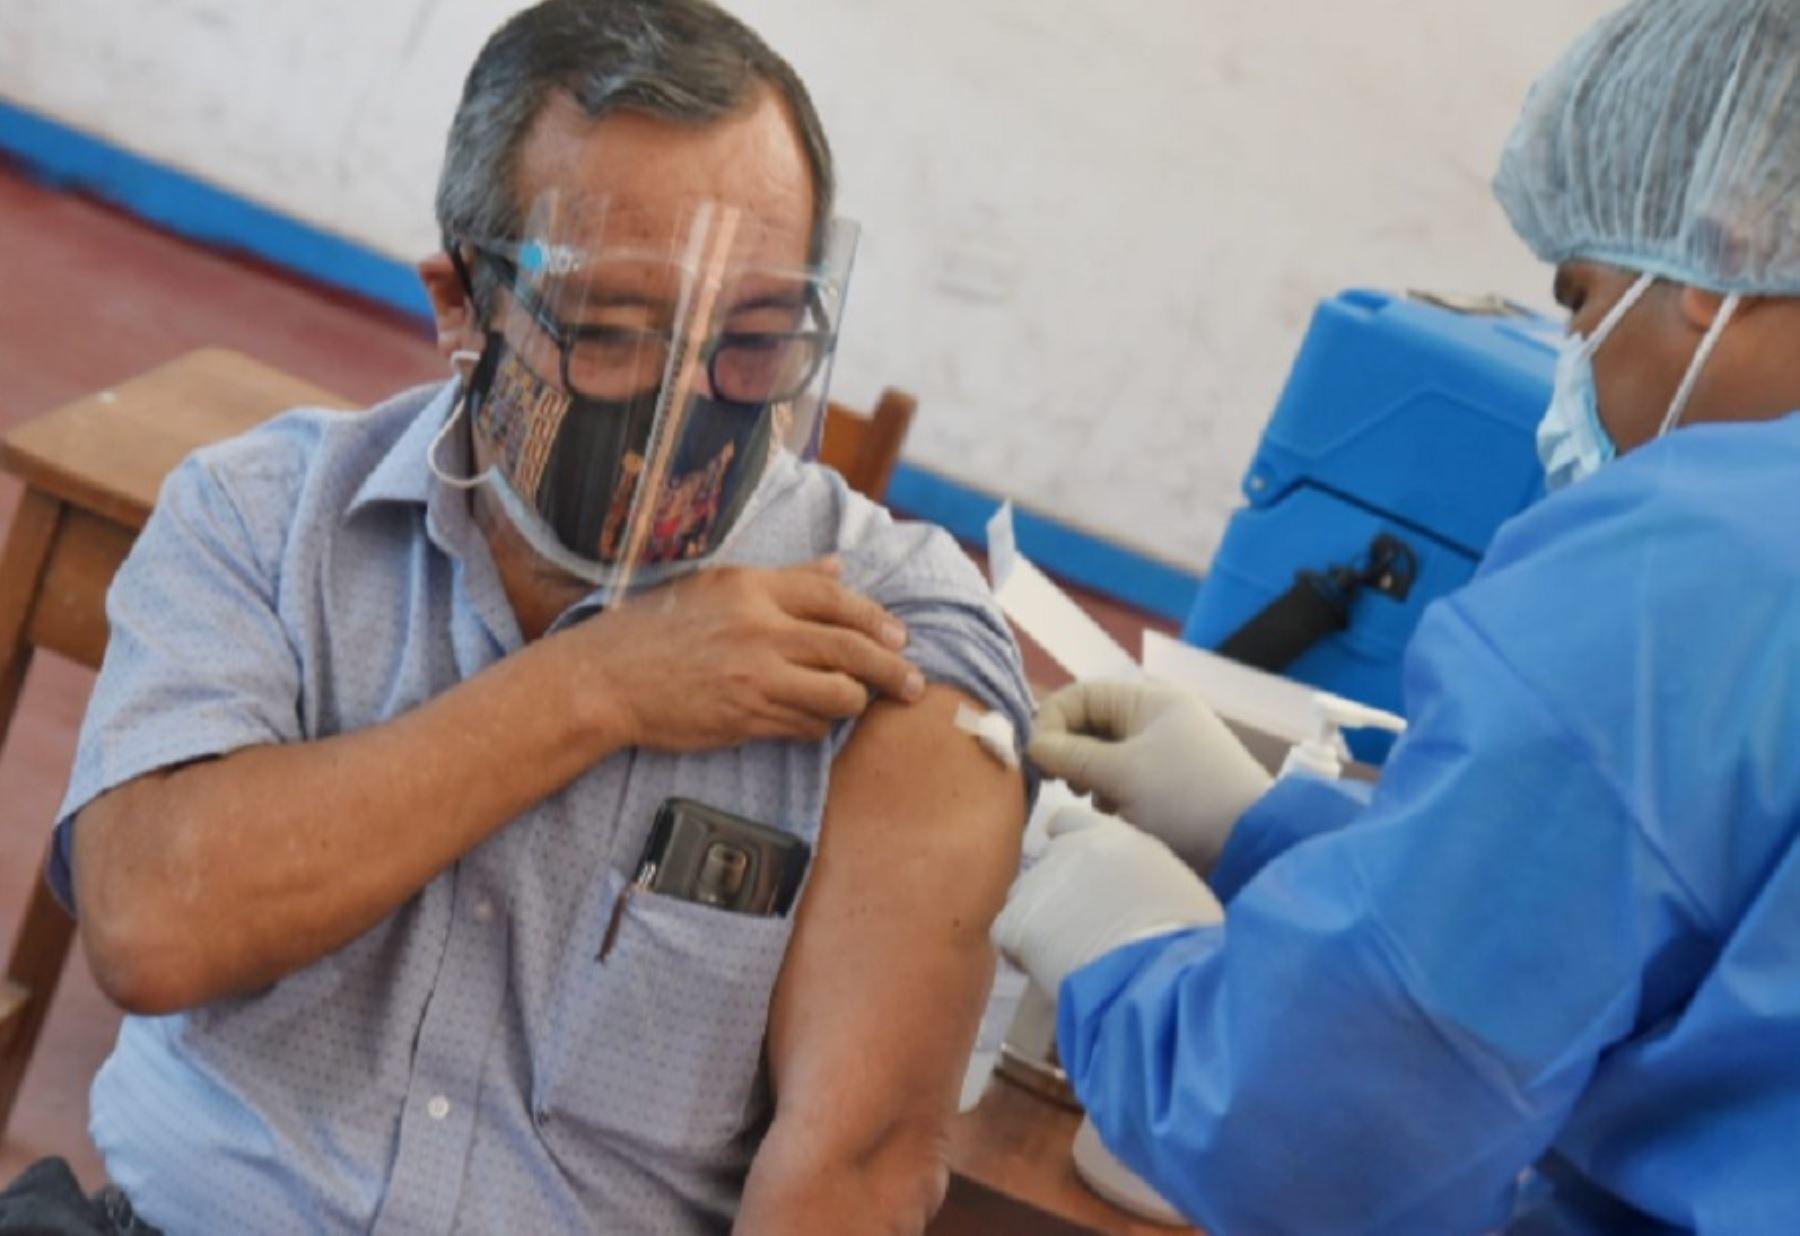 En la vacunación de hoy fue inoculado el gobernador regional, Luis Hidalgo, por pertenecer al grupo de profesionales de la salud. La autoridad regional sostuvo que su inmunización se dio en estricto cumplimiento del cronograma establecido por las autoridades sanitarias.